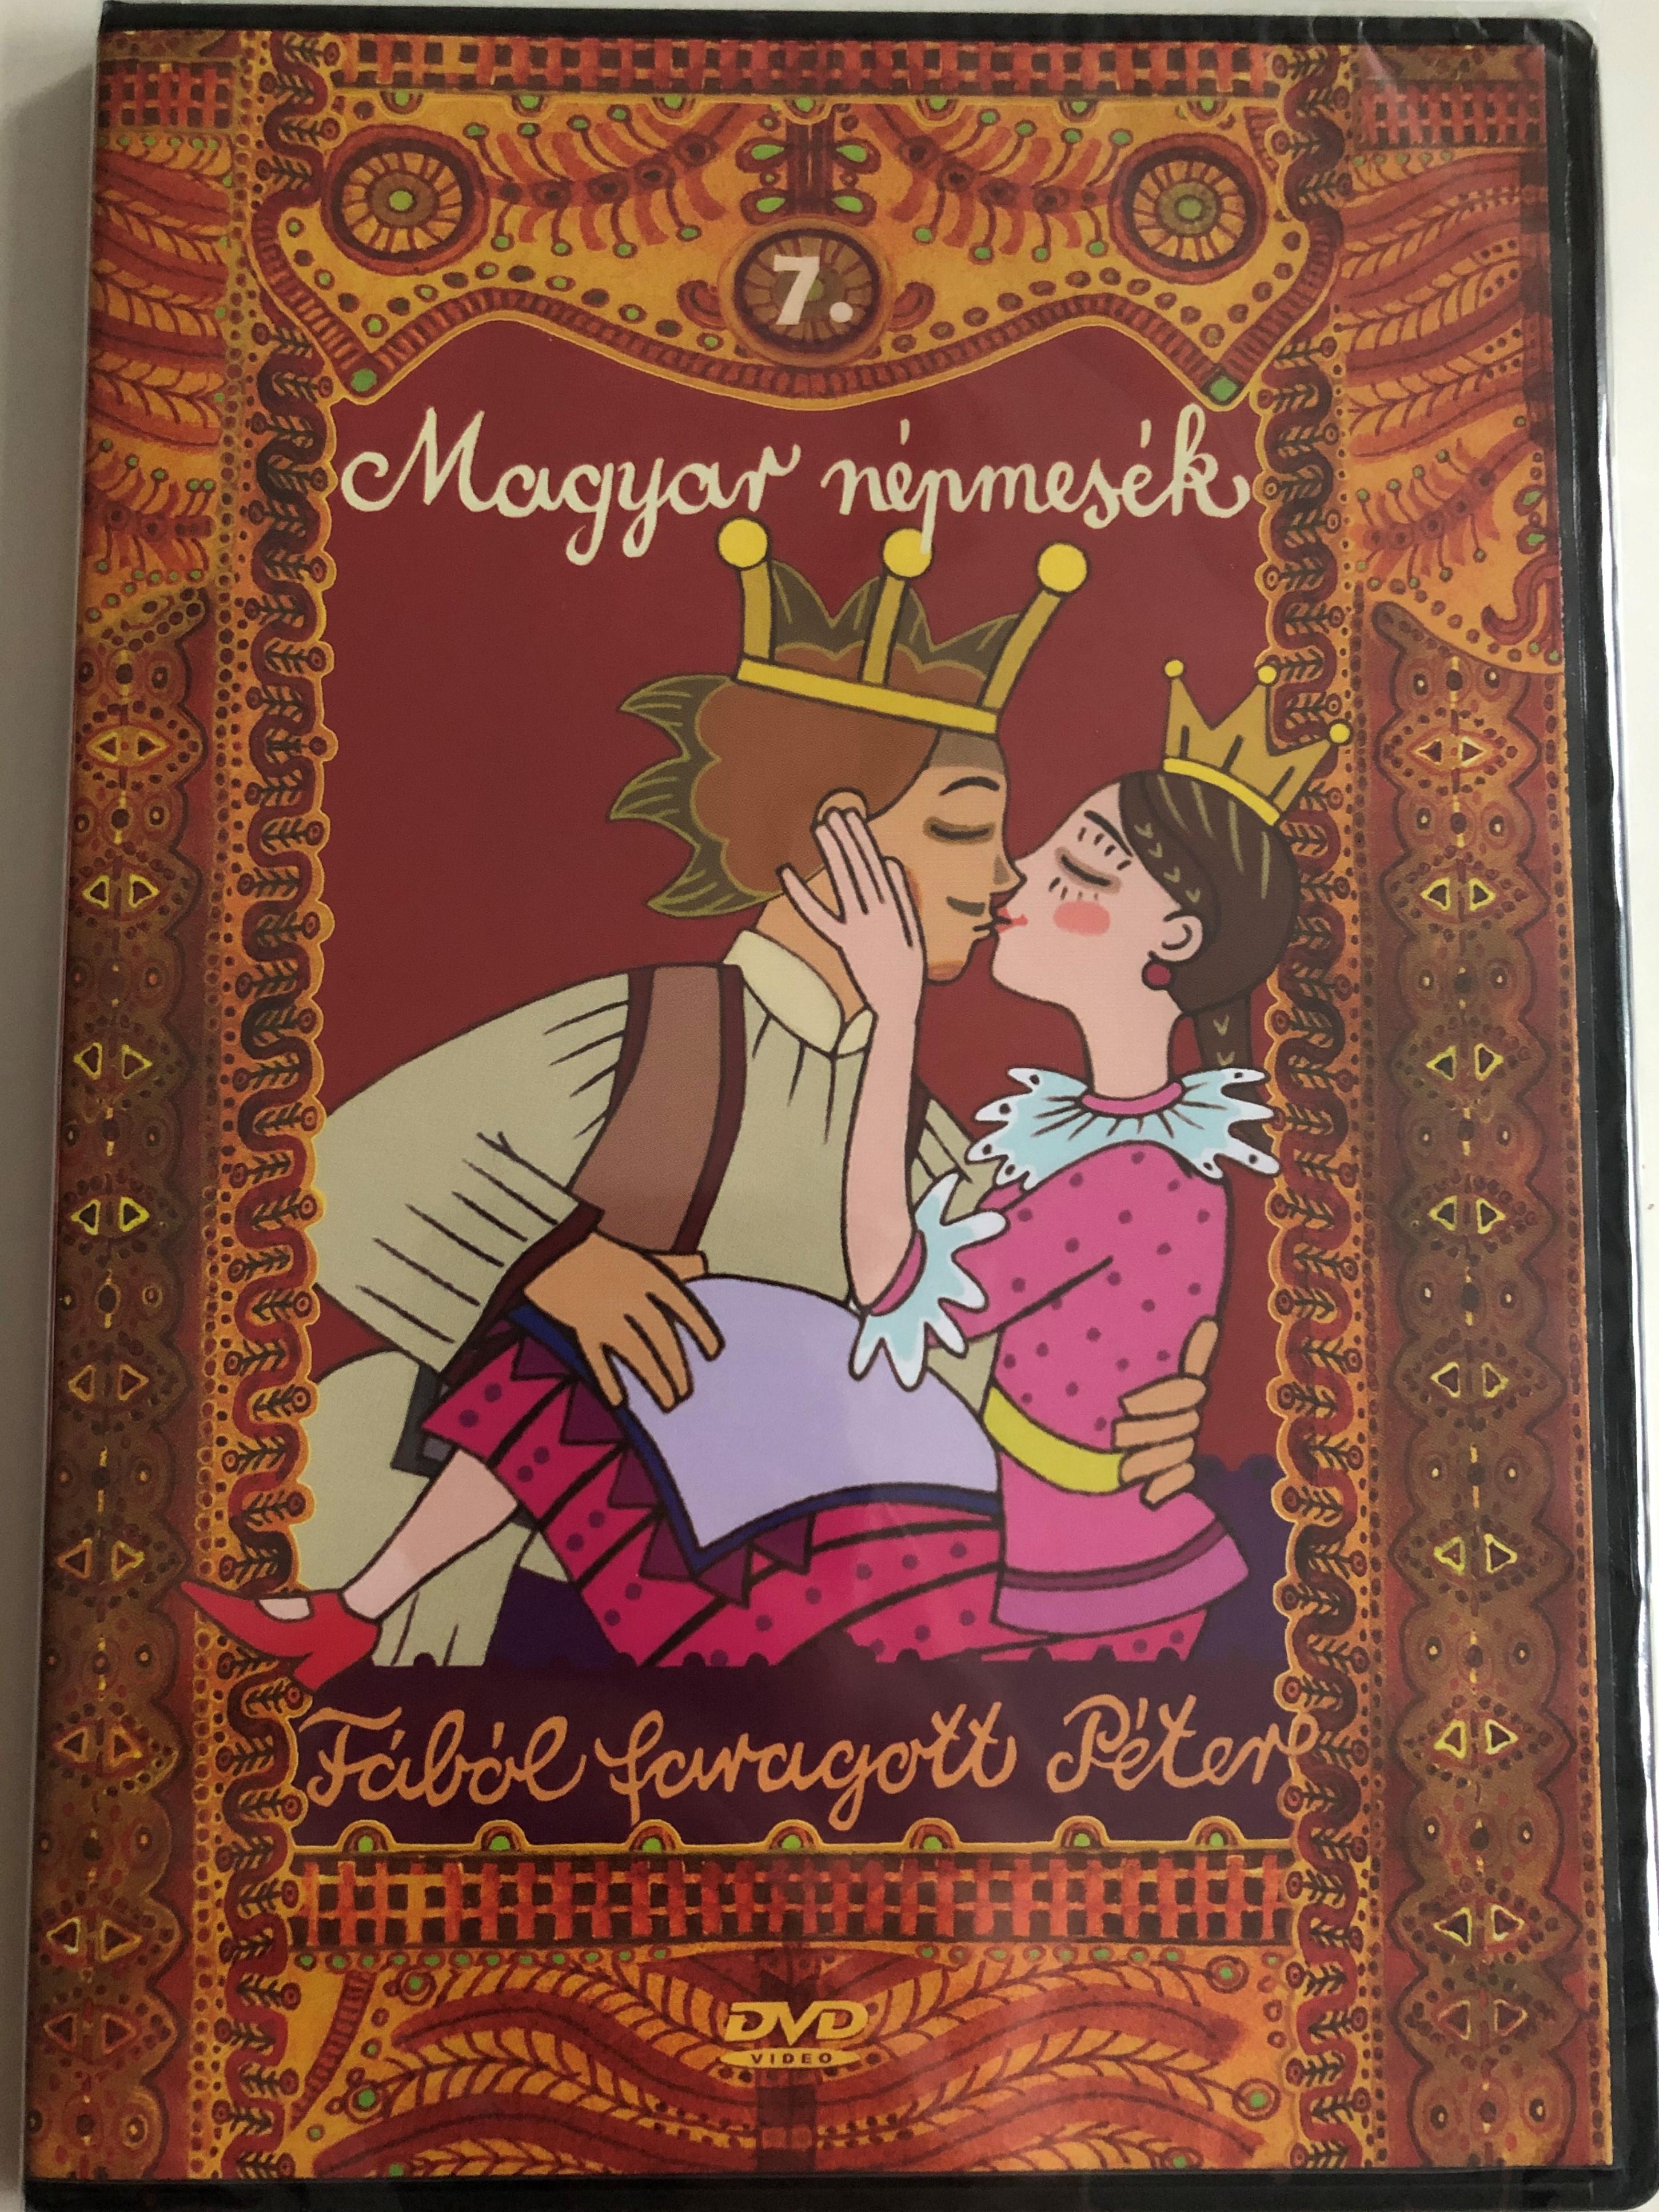 magyar-n-pmes-k-7.-dvd-2008-f-bol-faragott-p-ter-1-.jpg